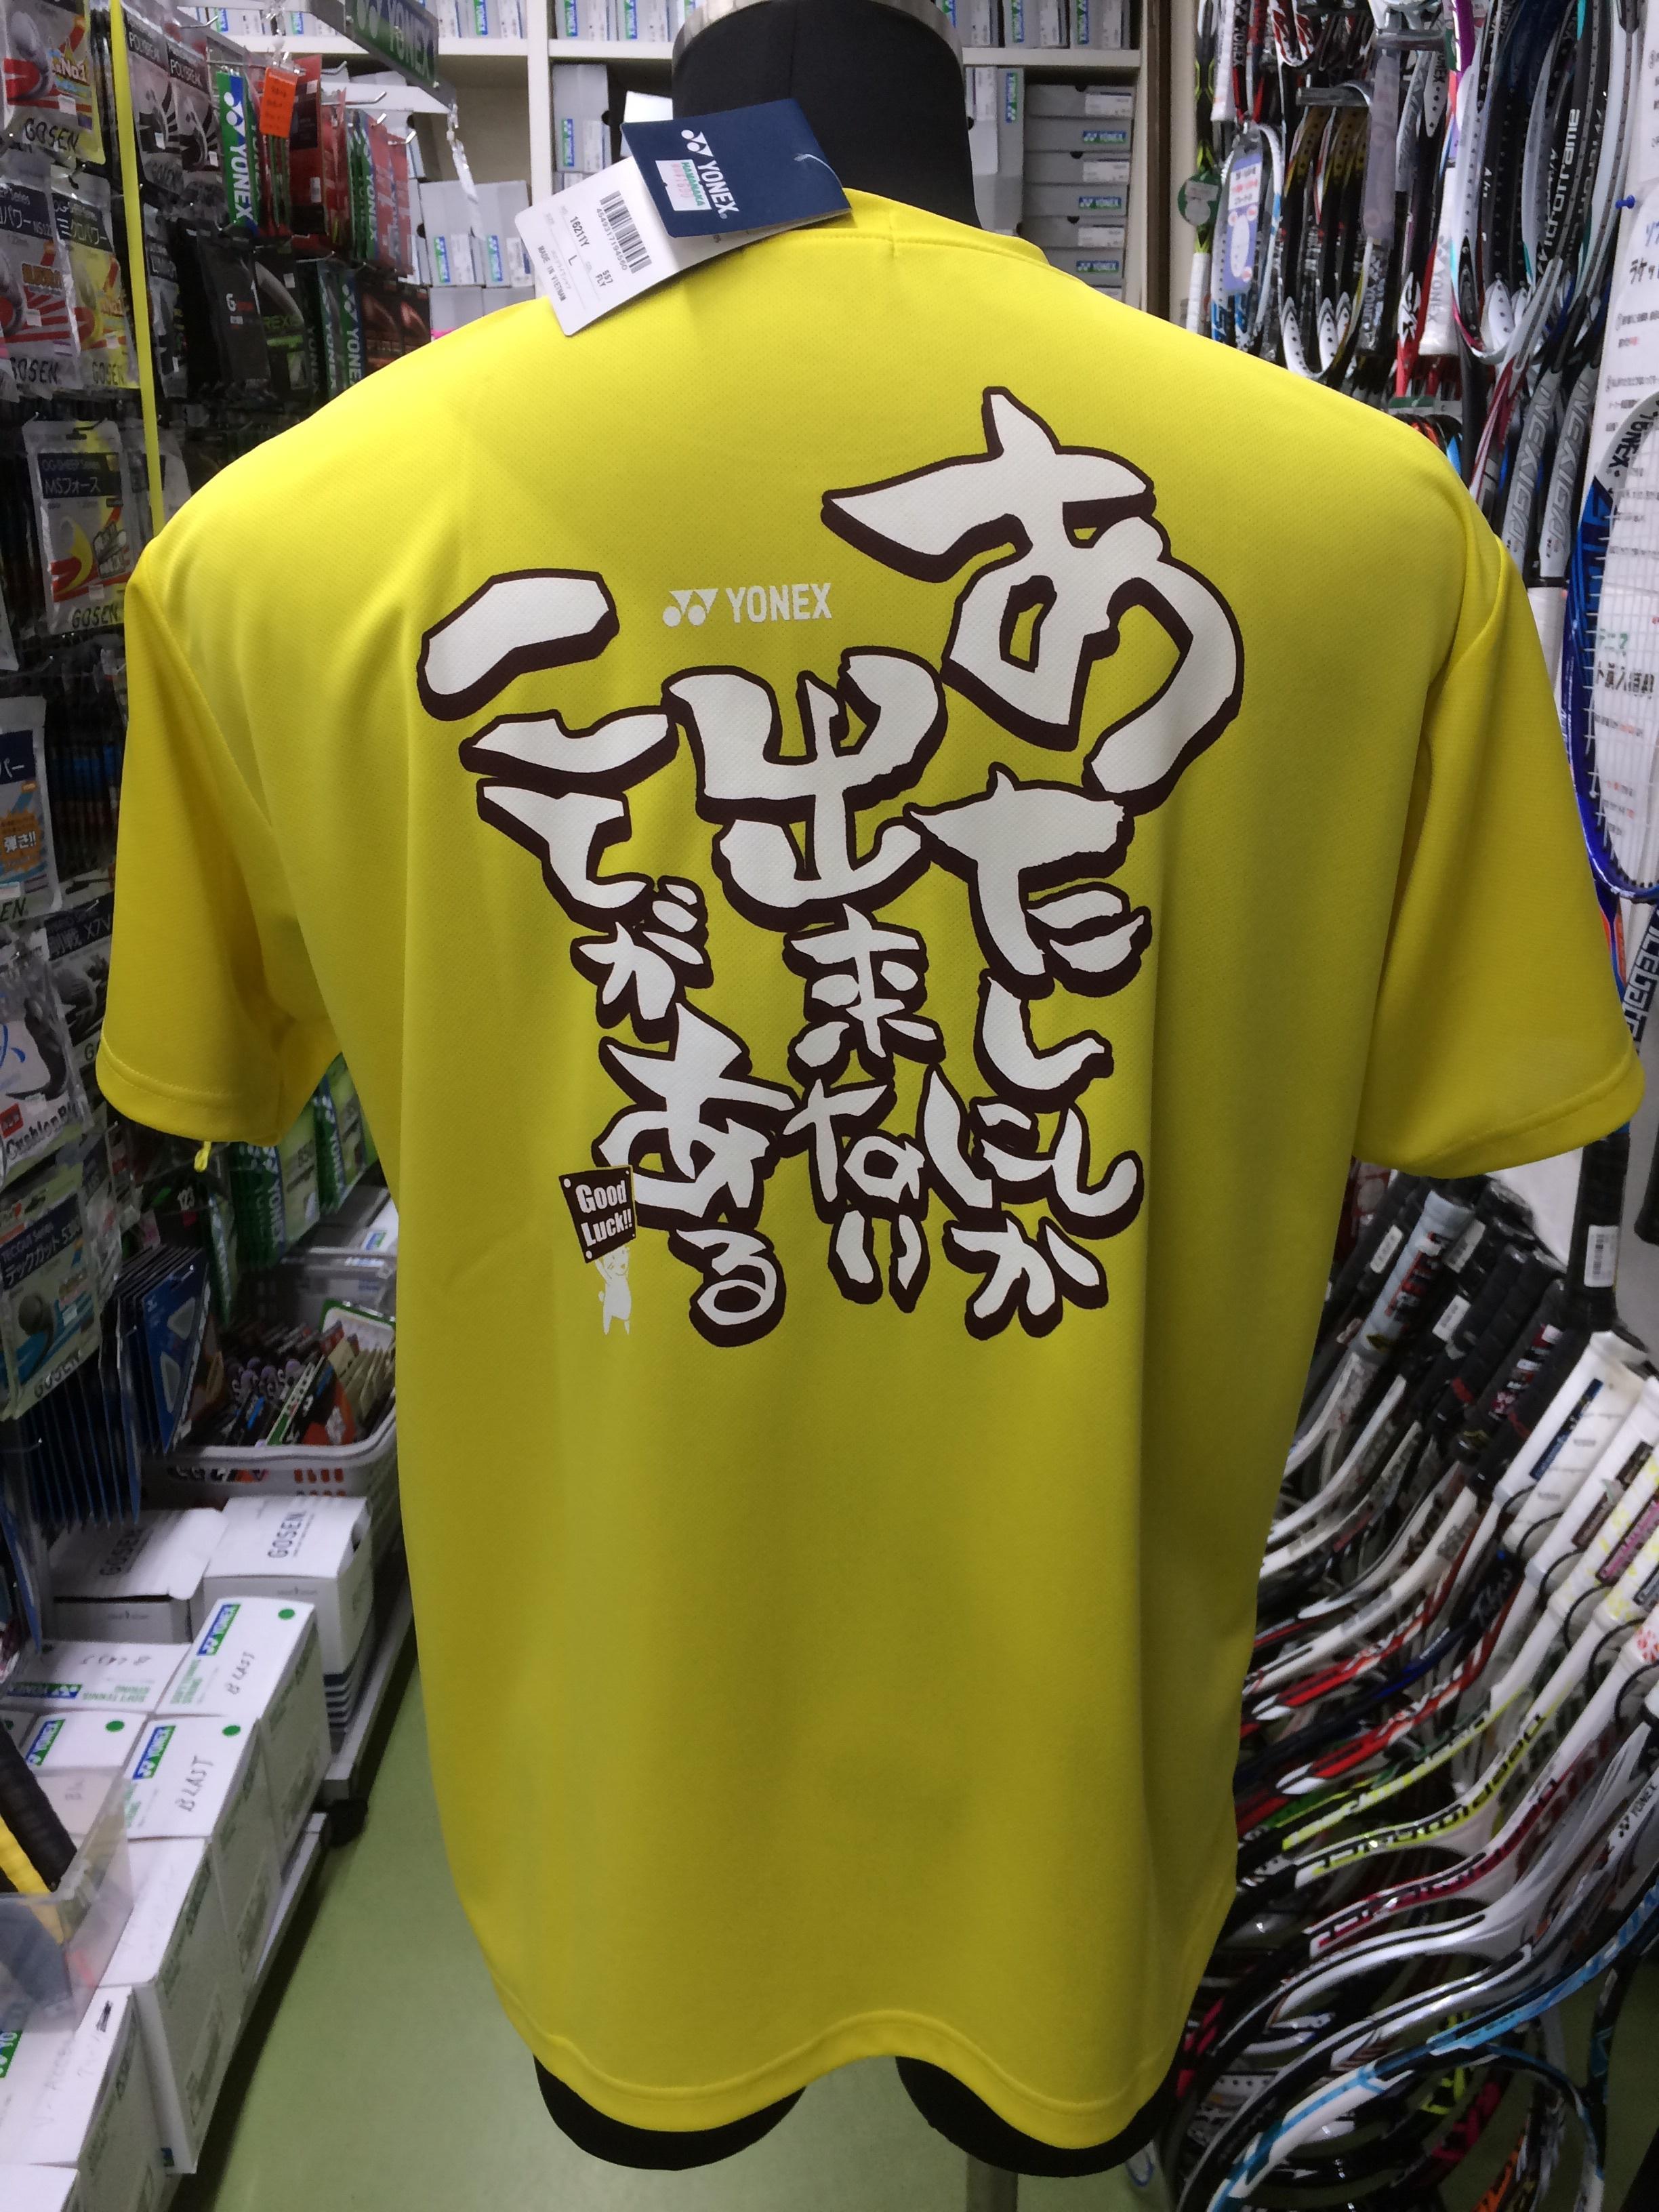 ヨネックス ユニドライTシャツ 16211Y - 画像2